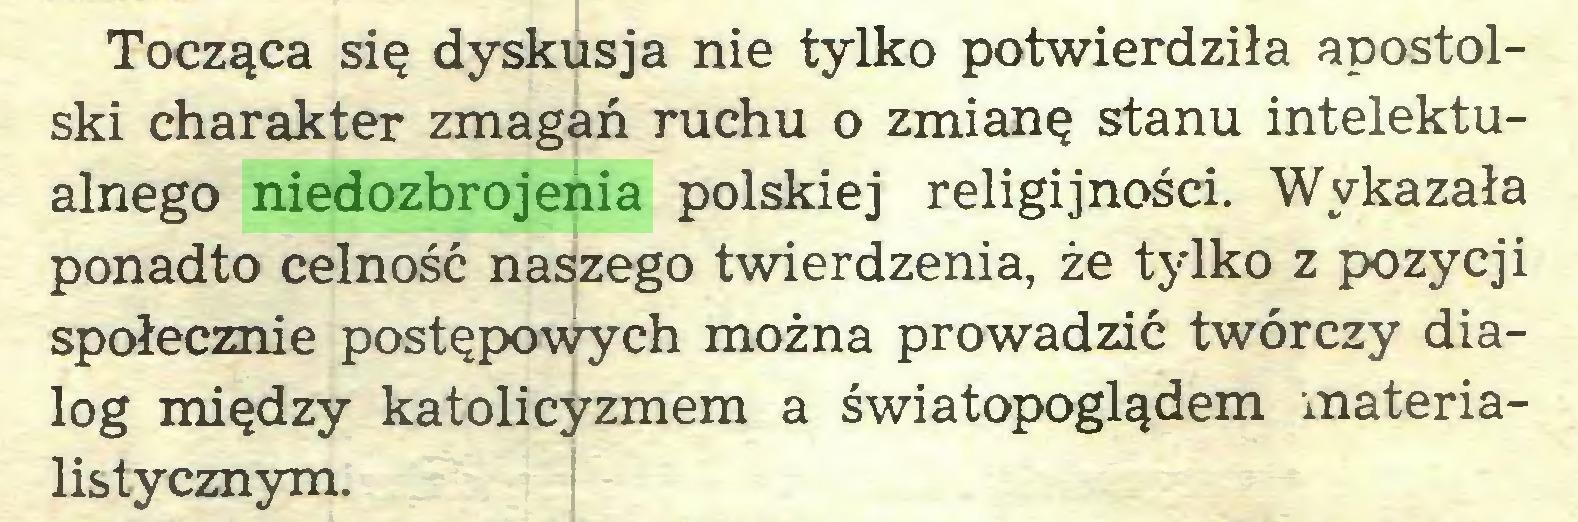 (...) Tocząca się dyskusja nie tylko potwierdziła apostolski charakter zmagań ruchu o zmianę stanu intelektualnego niedozbrojenia polskiej religijności. Wykazała ponadto celność naszego twierdzenia, że tylko z pozycji społecznie postępowych można prowadzić twórczy dialog między katolicyzmem a światopoglądem materialistycznym...